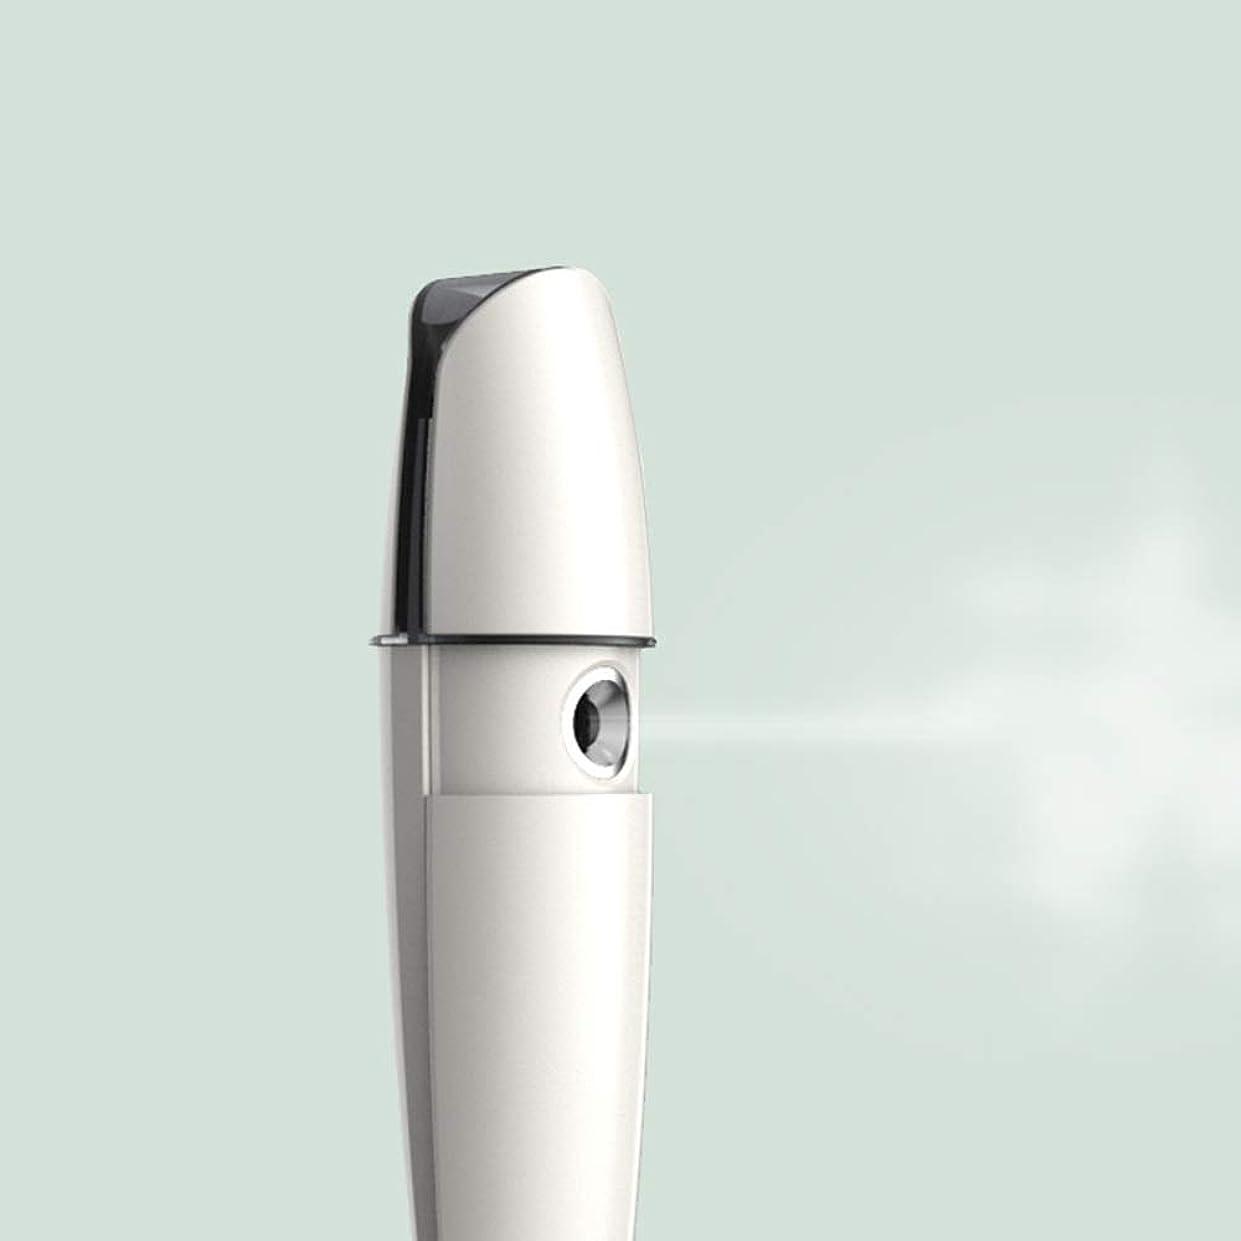 殺します勧告絶望ZXF 充電式コールドスプレー機家庭用スチームフェイス美容機器ナノスプレーフェイス加湿水道メーターホワイトABS素材 滑らかである